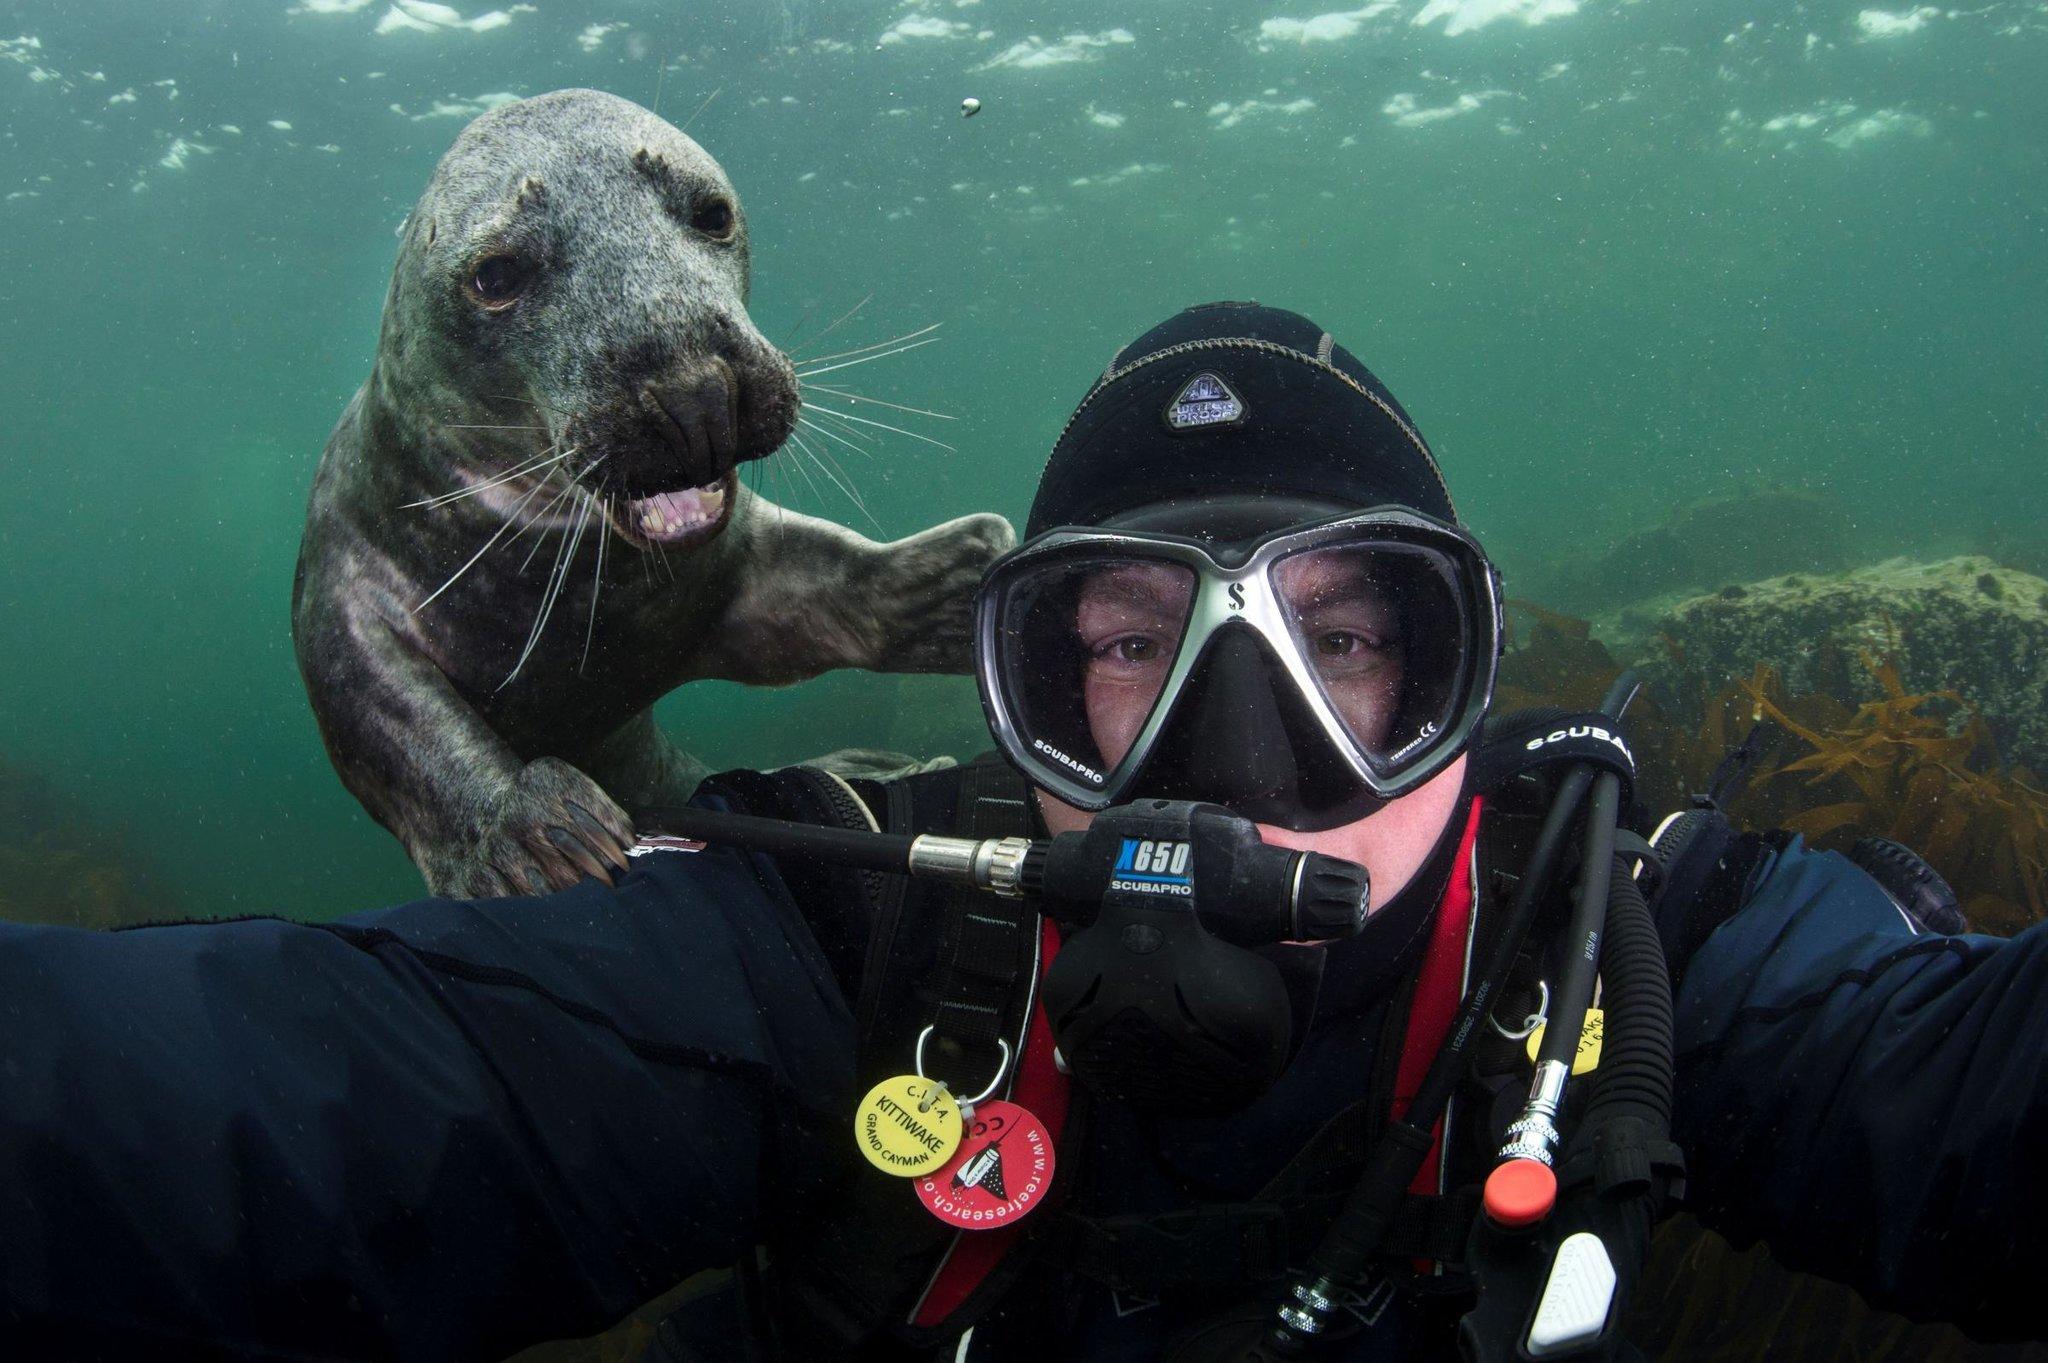 видов отличаются аквалангисты картинки смешные использовать его